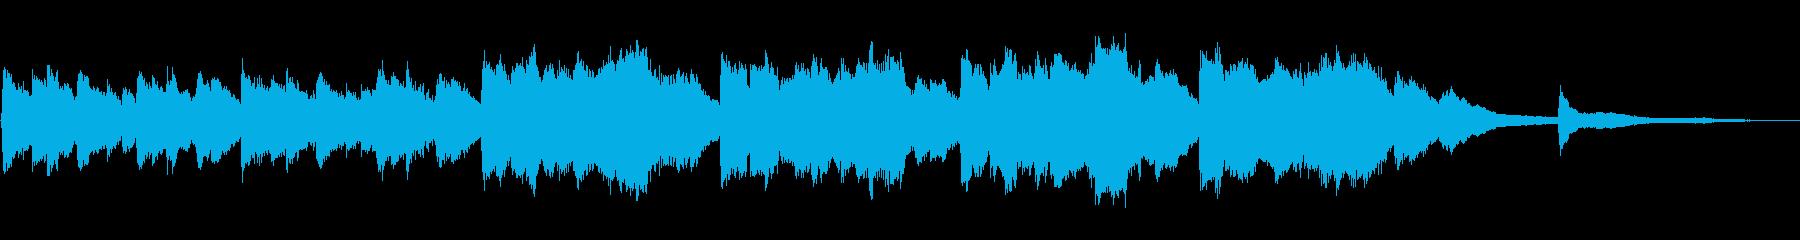 【30秒】朝焼けイメージのシンプルBGMの再生済みの波形